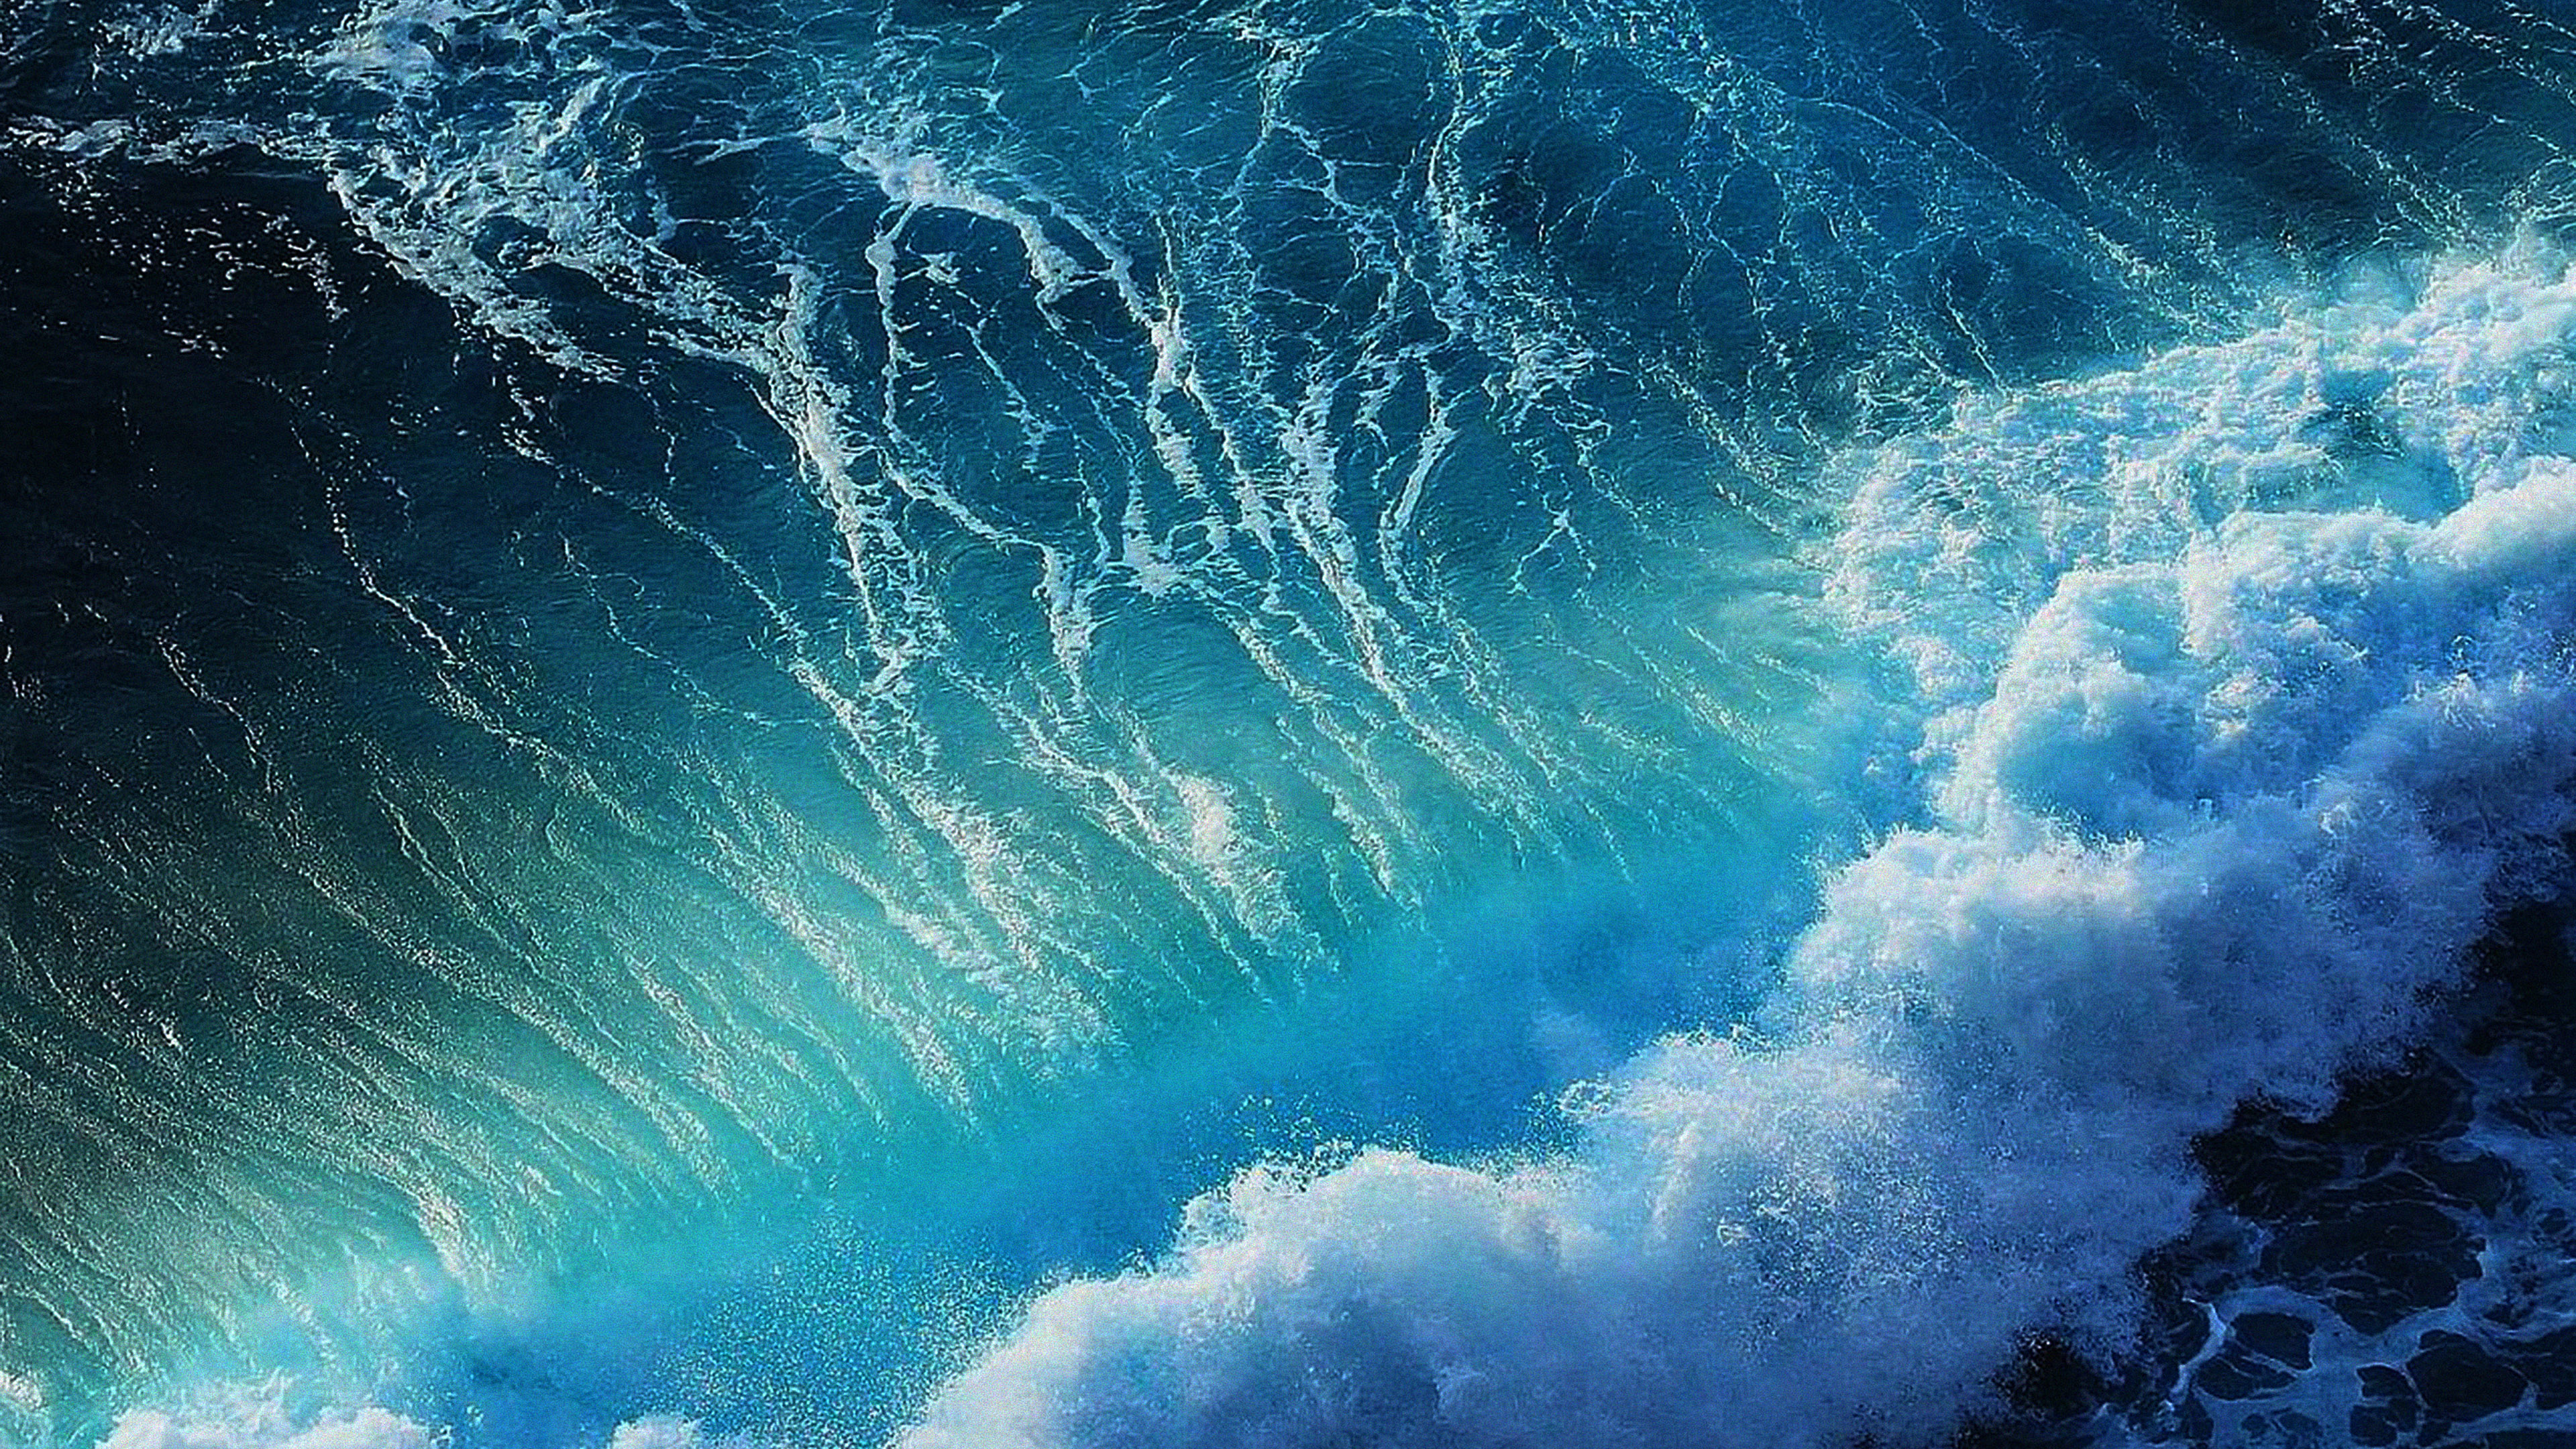 me18-wave-california-ocean